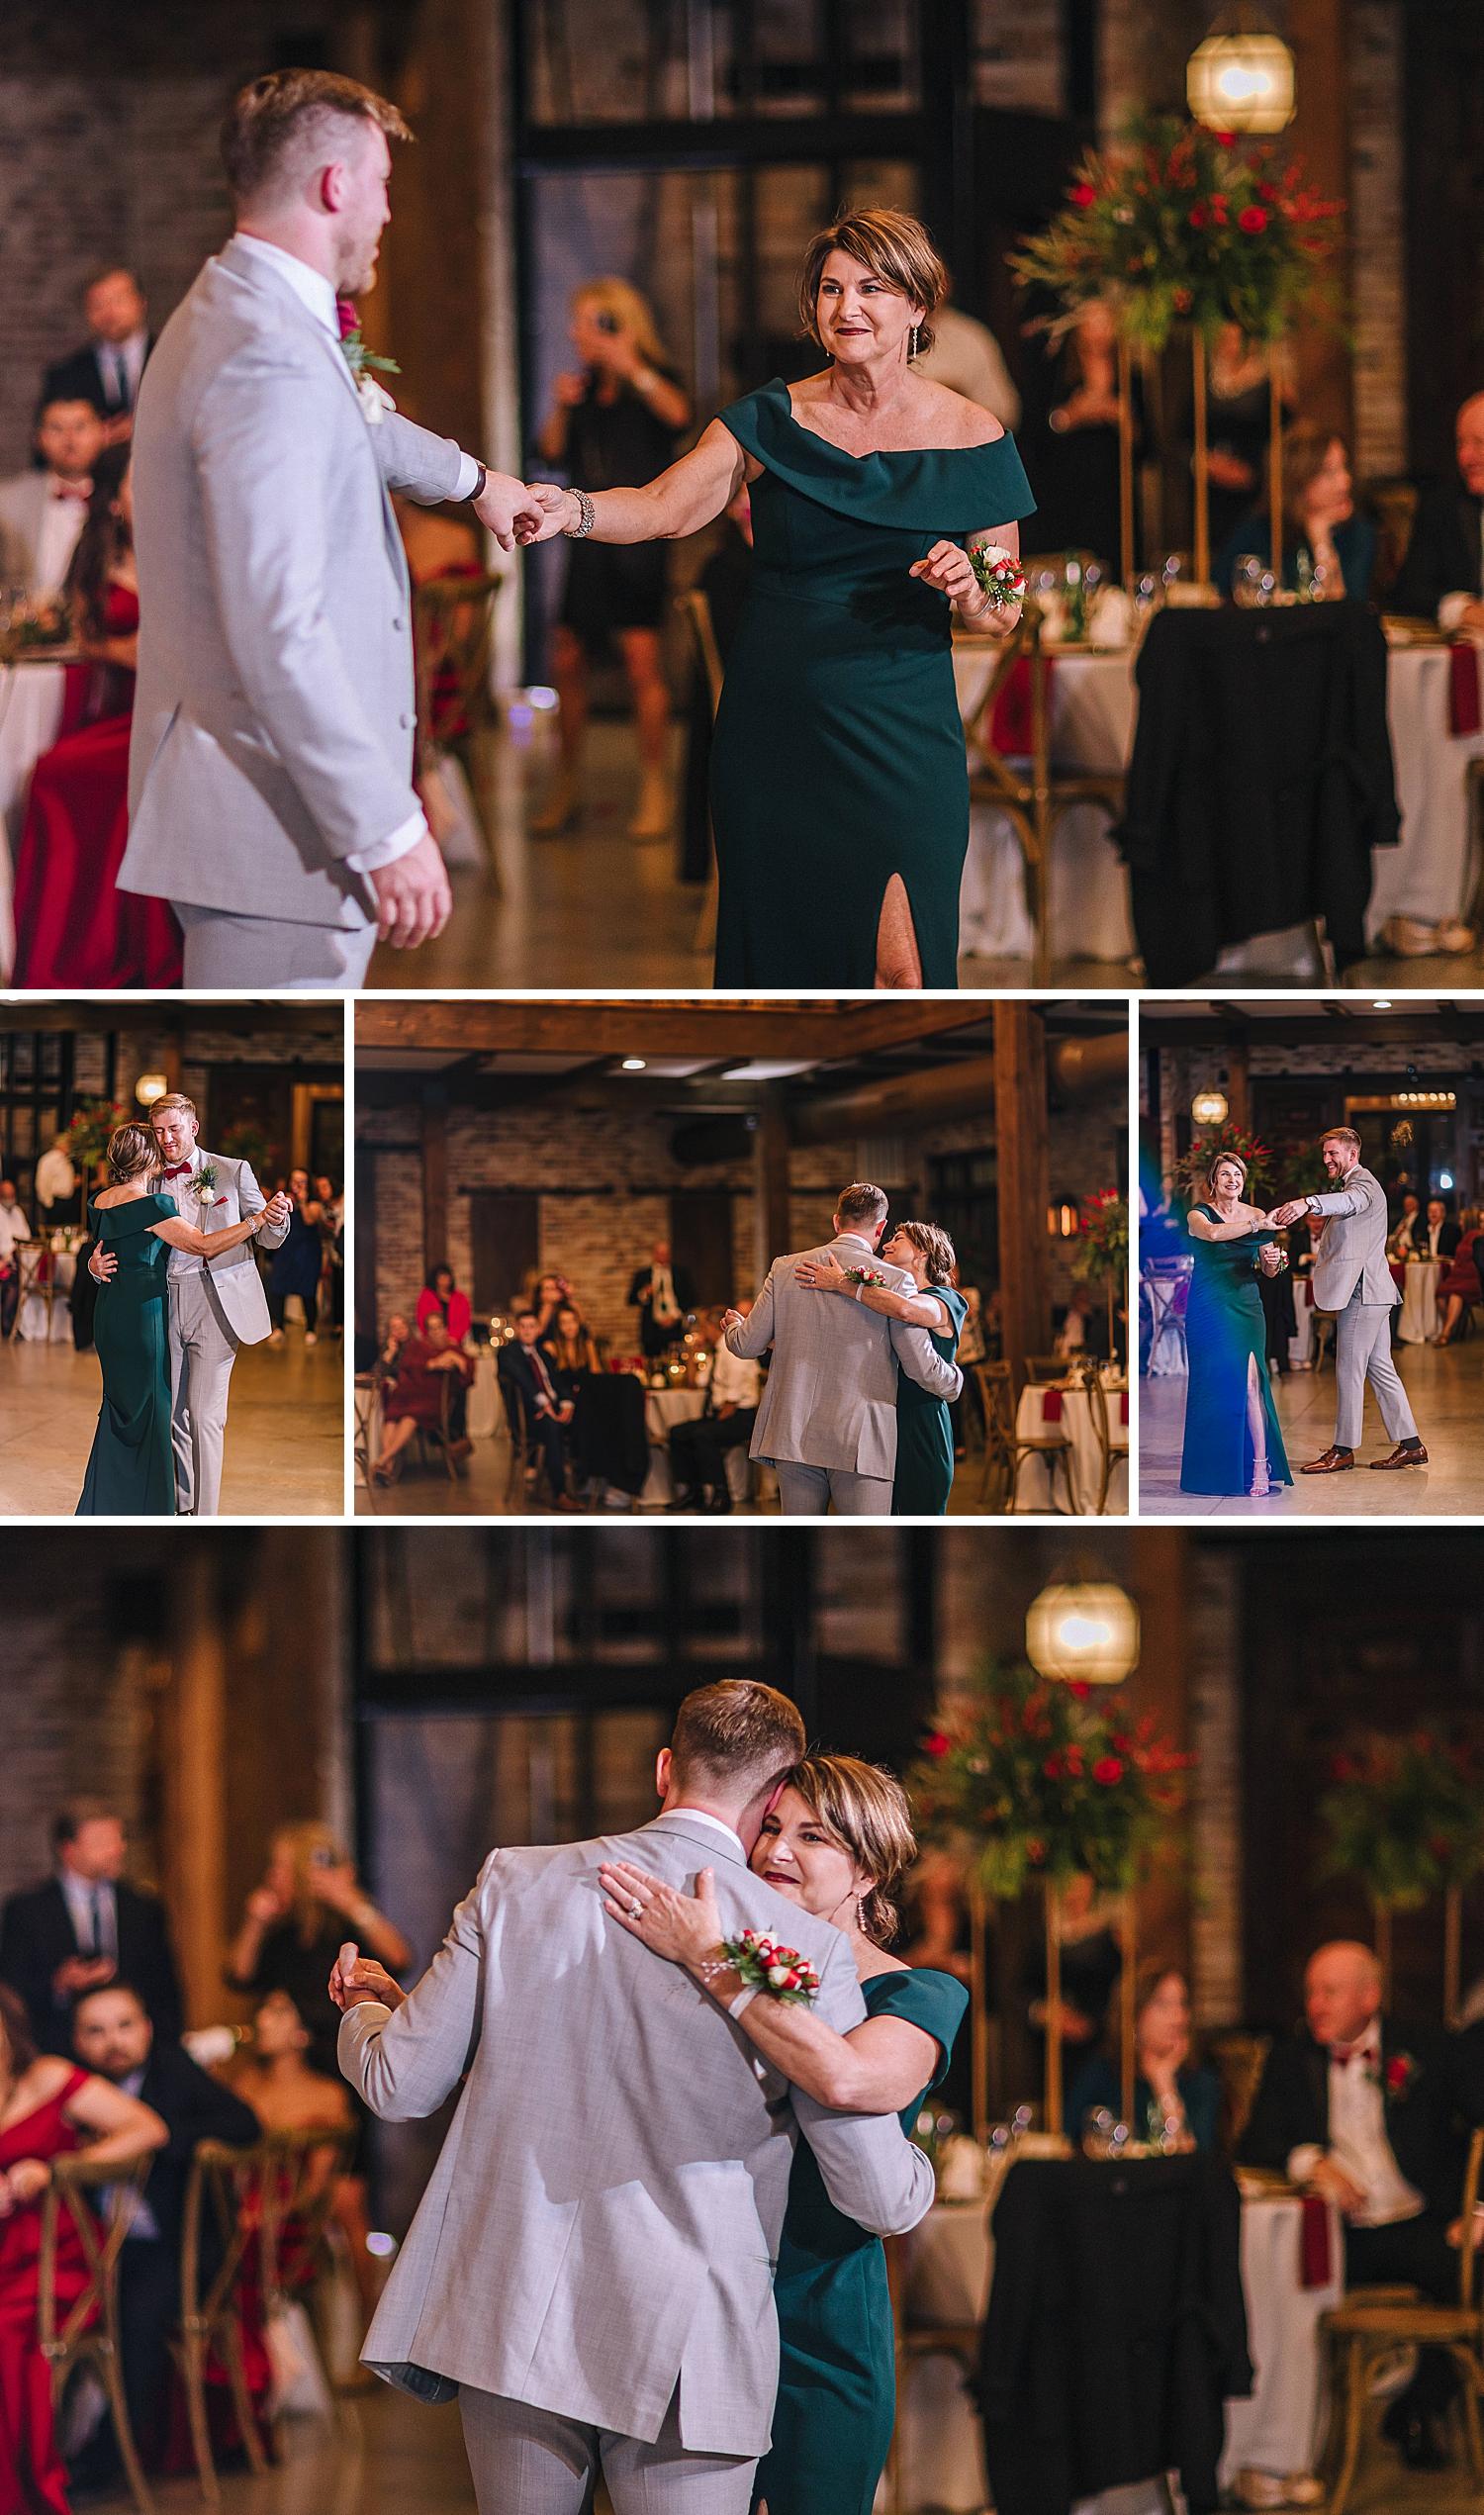 College-Station-Aggie-Wedding-The-Weinberg-at-Wixon-Valley-Christmas-Hallmark-Wedding_0119.jpg